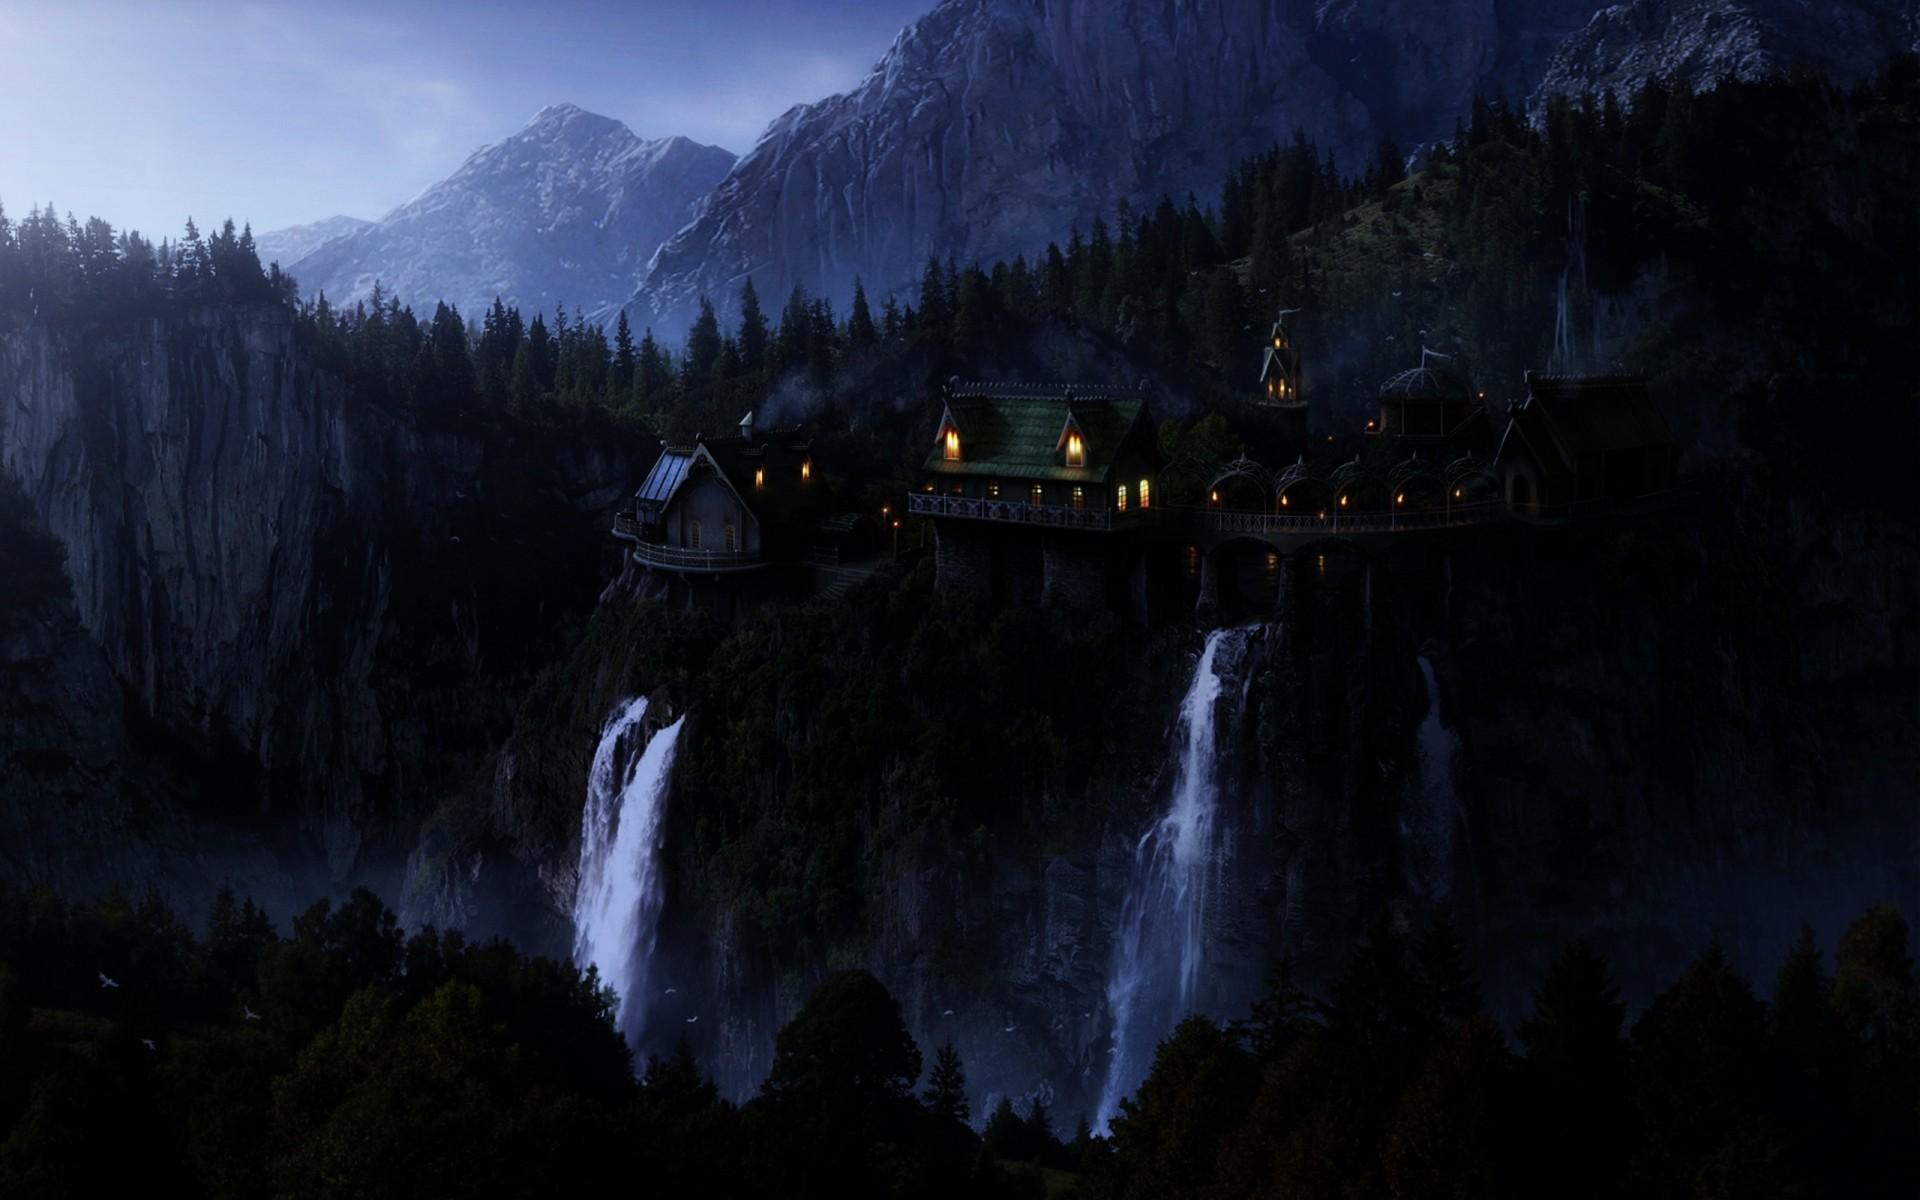 кажется, смотреть фильмы с красивыми пейзажами том